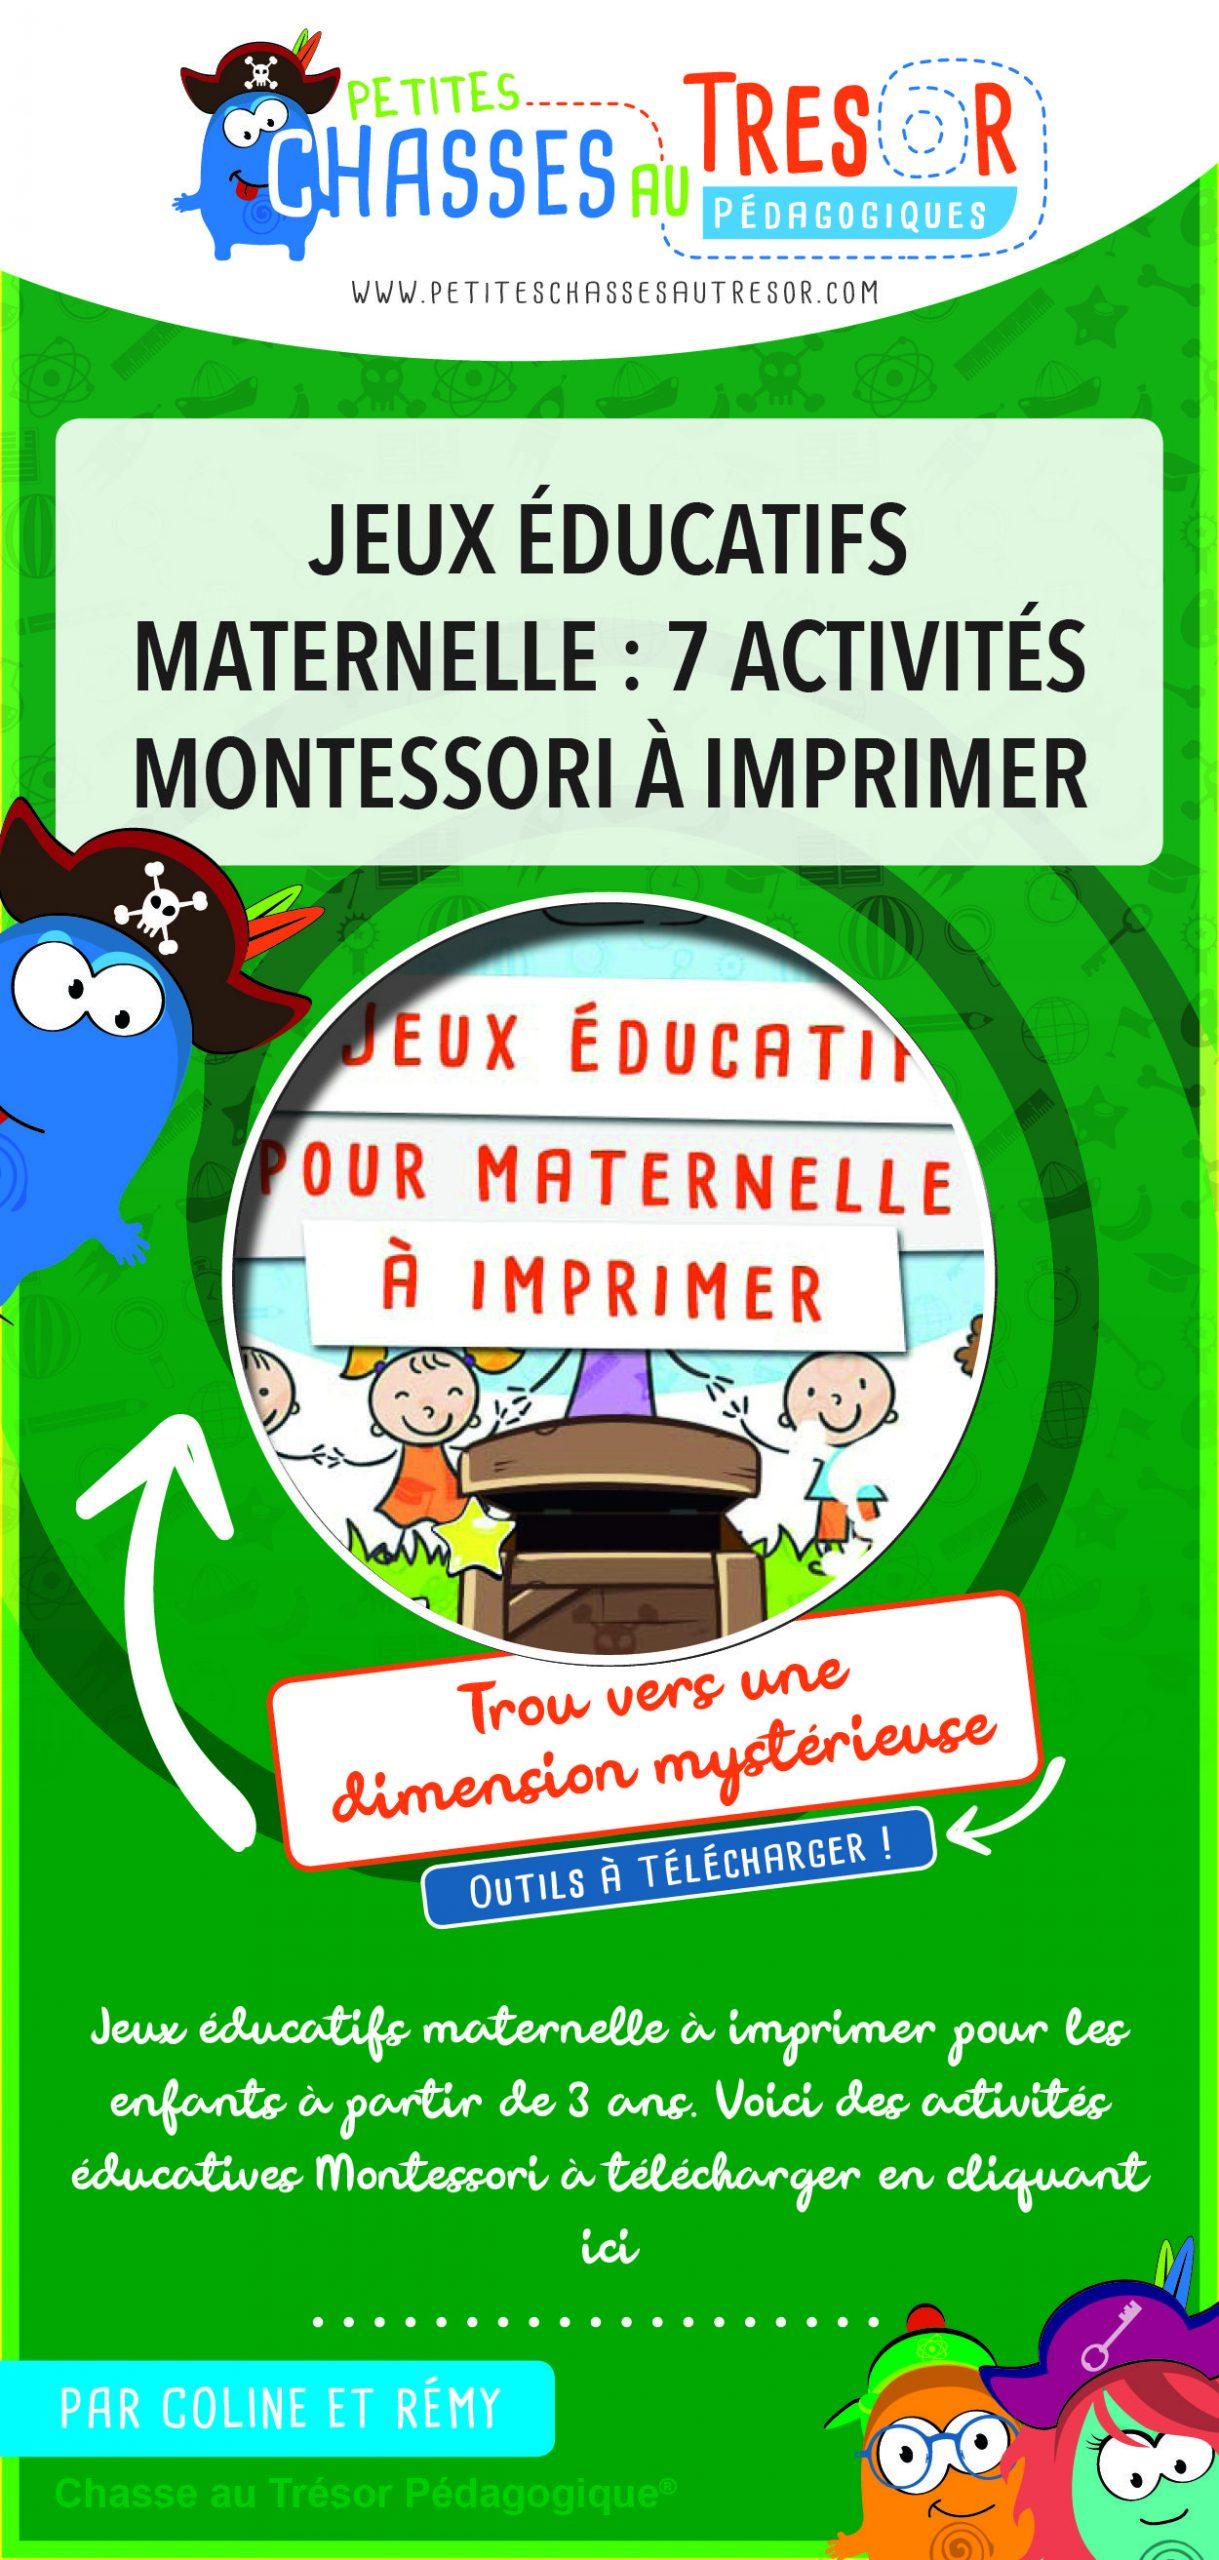 Jeux Éducatifs Maternelle : 7 Activités Montessori À concernant Jeux Pedagogique Maternelle